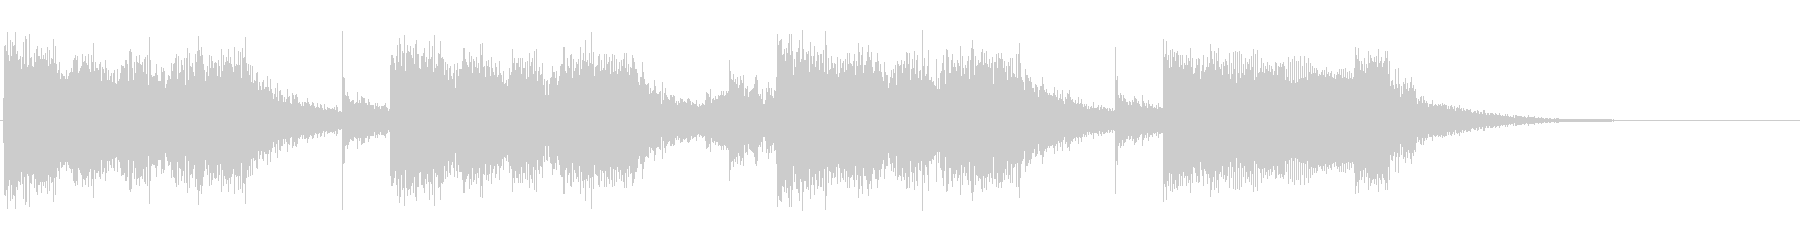 ベルセルクの未再生の波形